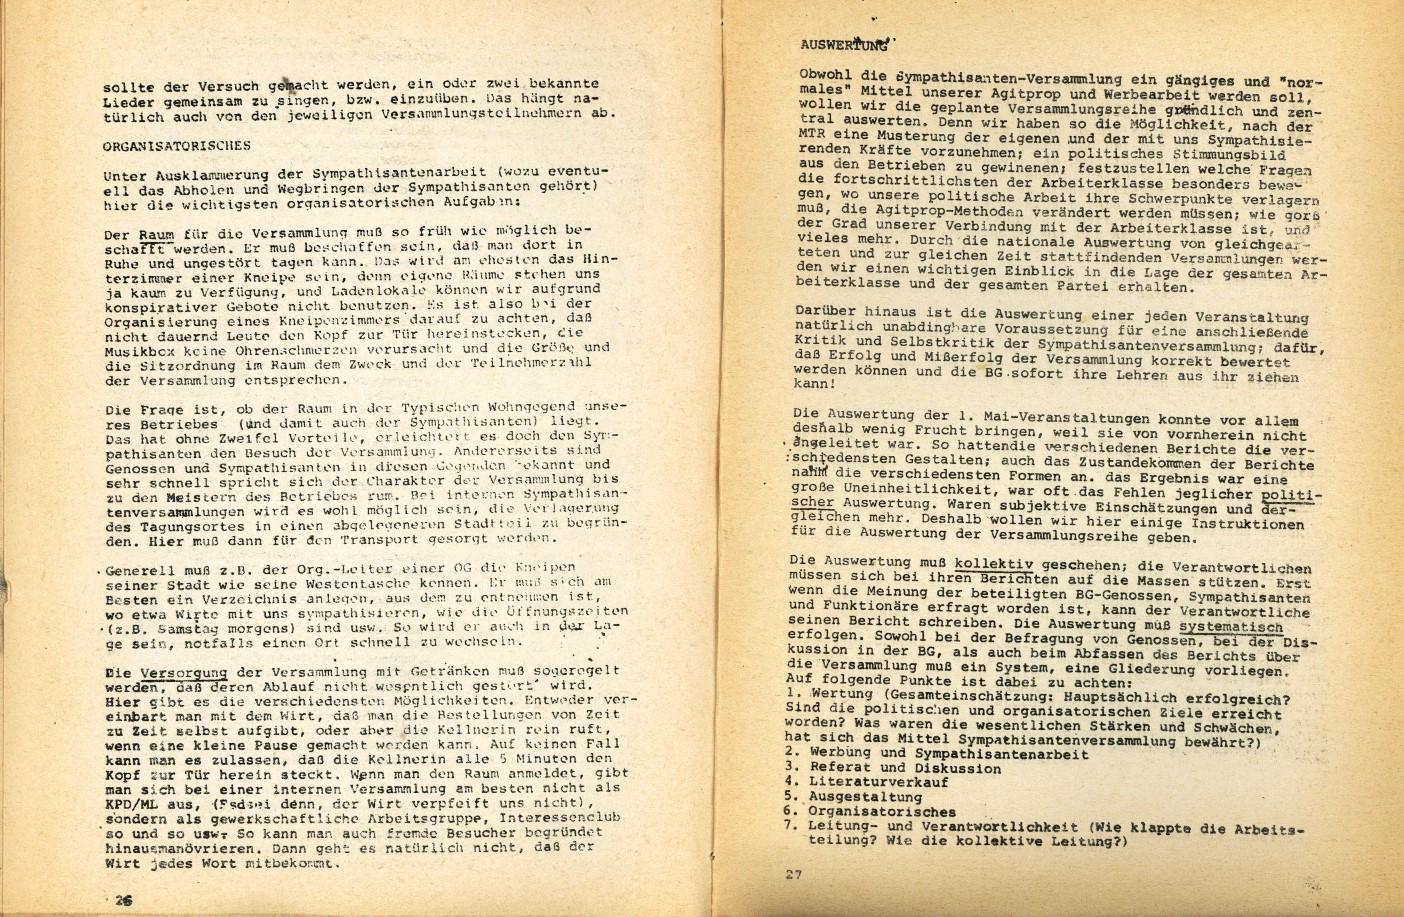 ZB_Parteiarbeiter_1971_08_Beilage_14